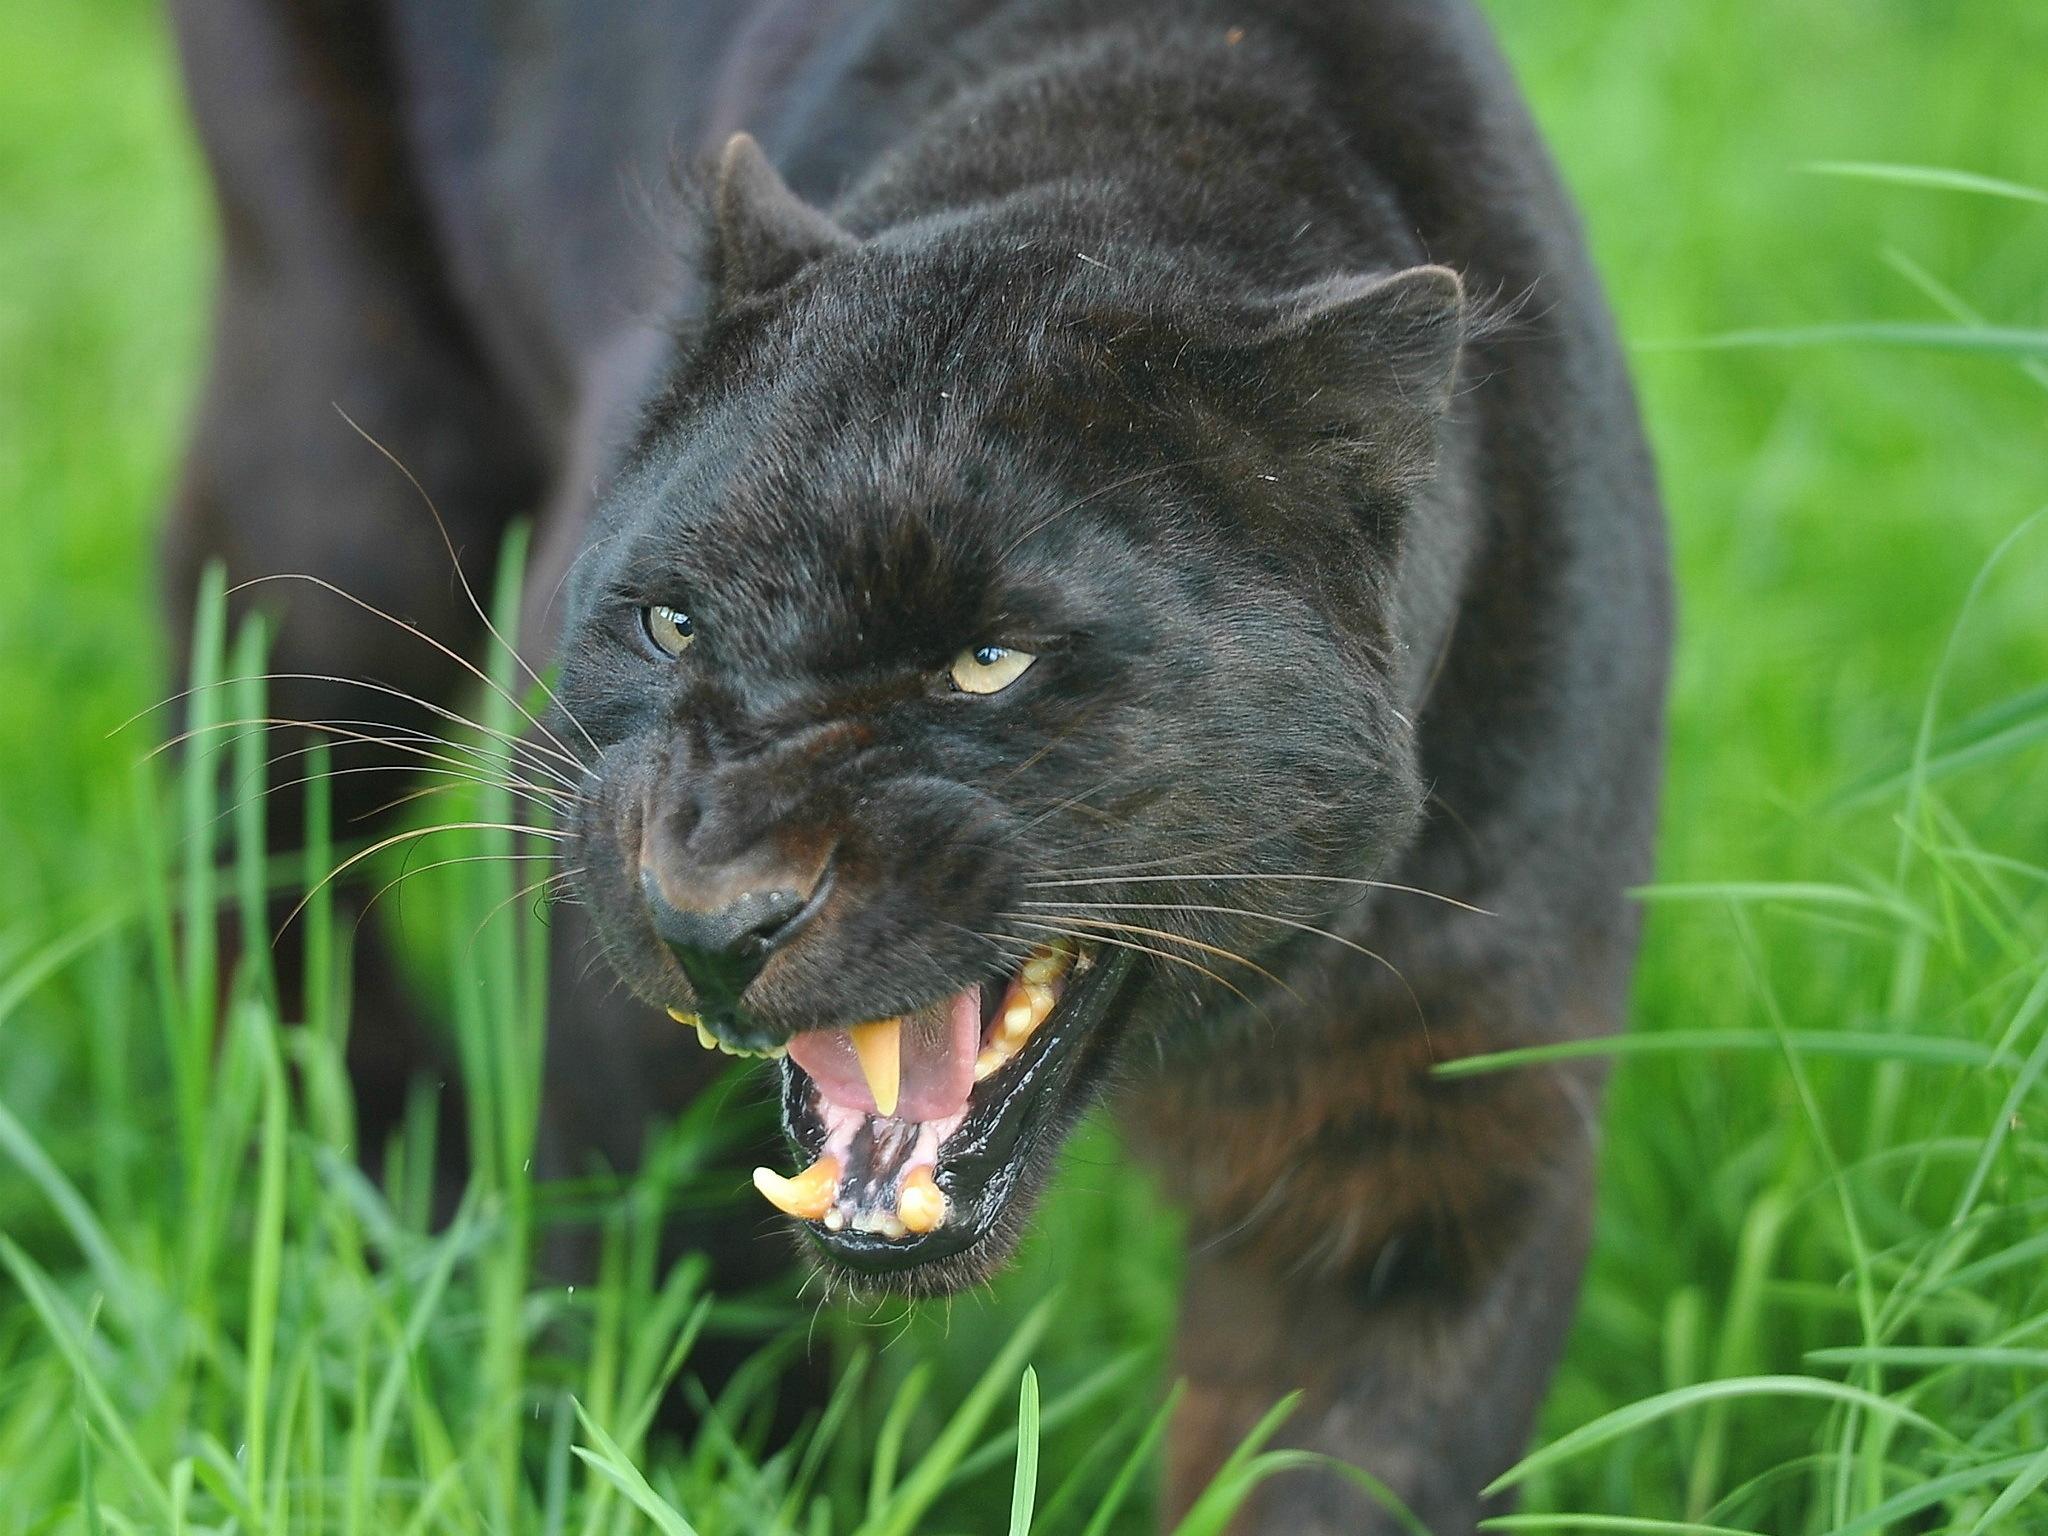 котенок злой рык без смс